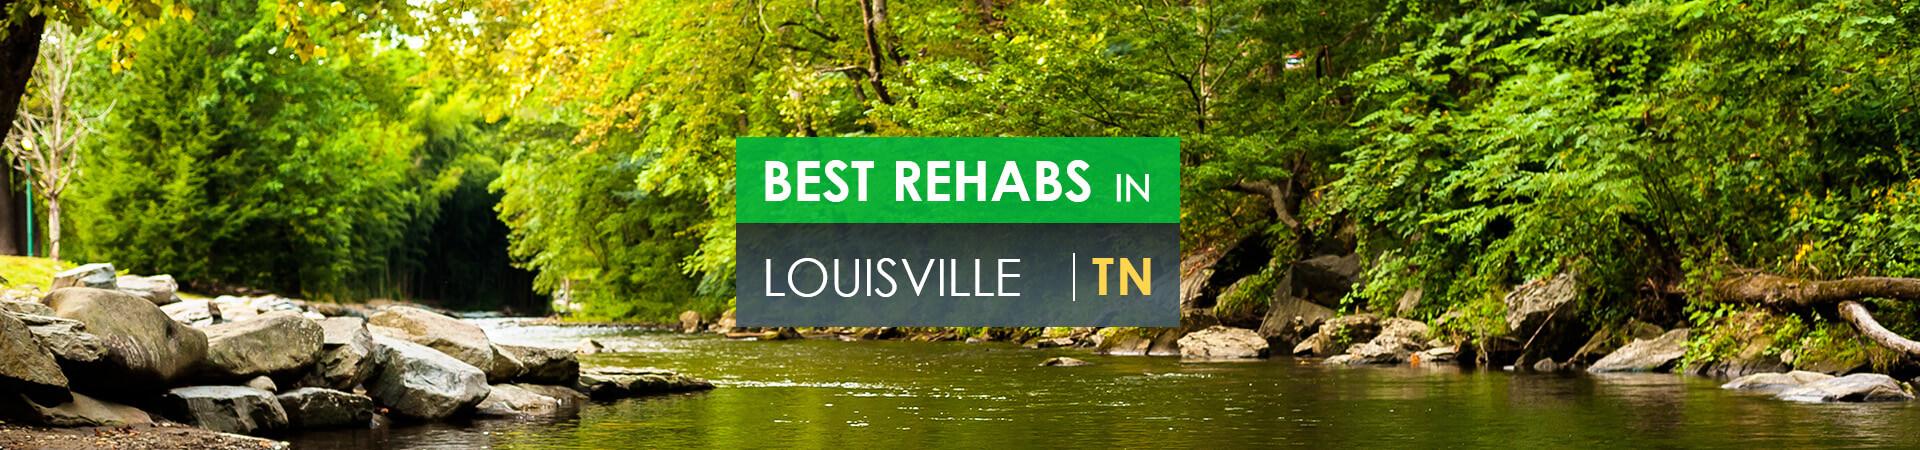 Best rehabs in Louisville, TN